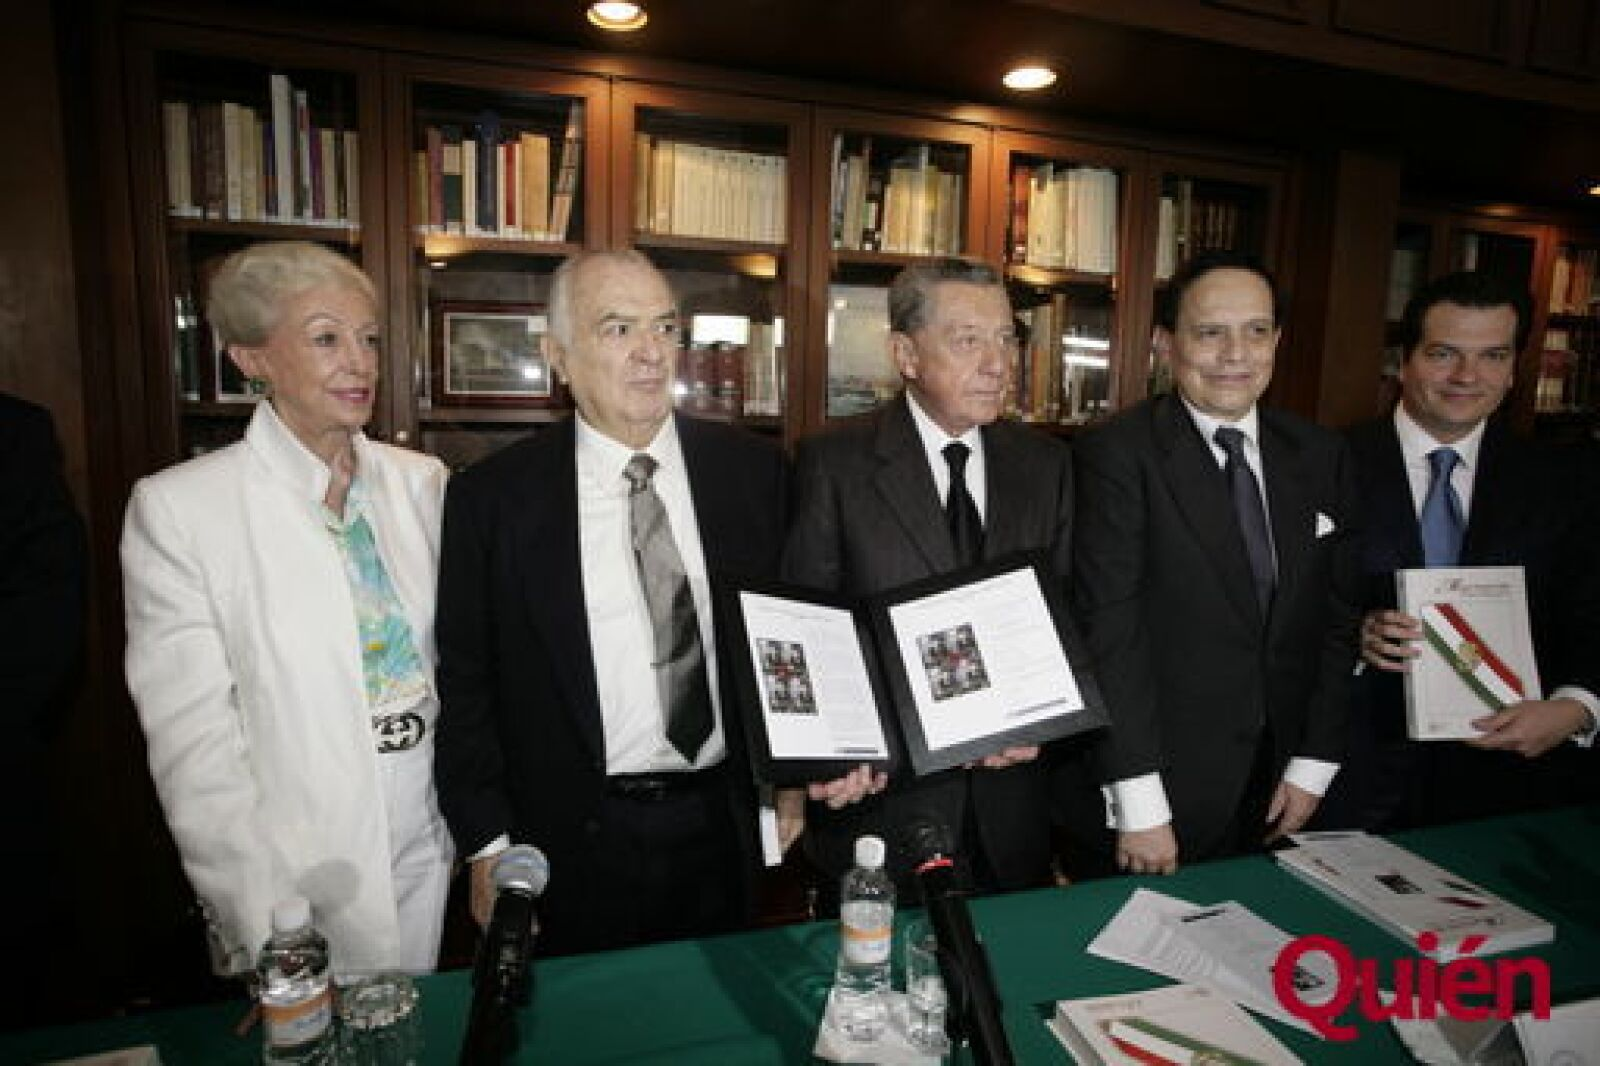 Beatriz Alemán, Miguel de la Madrid, Miguel Alemán Valdés, Jorge Alemán Valdés, Miguel Alemán Magnani